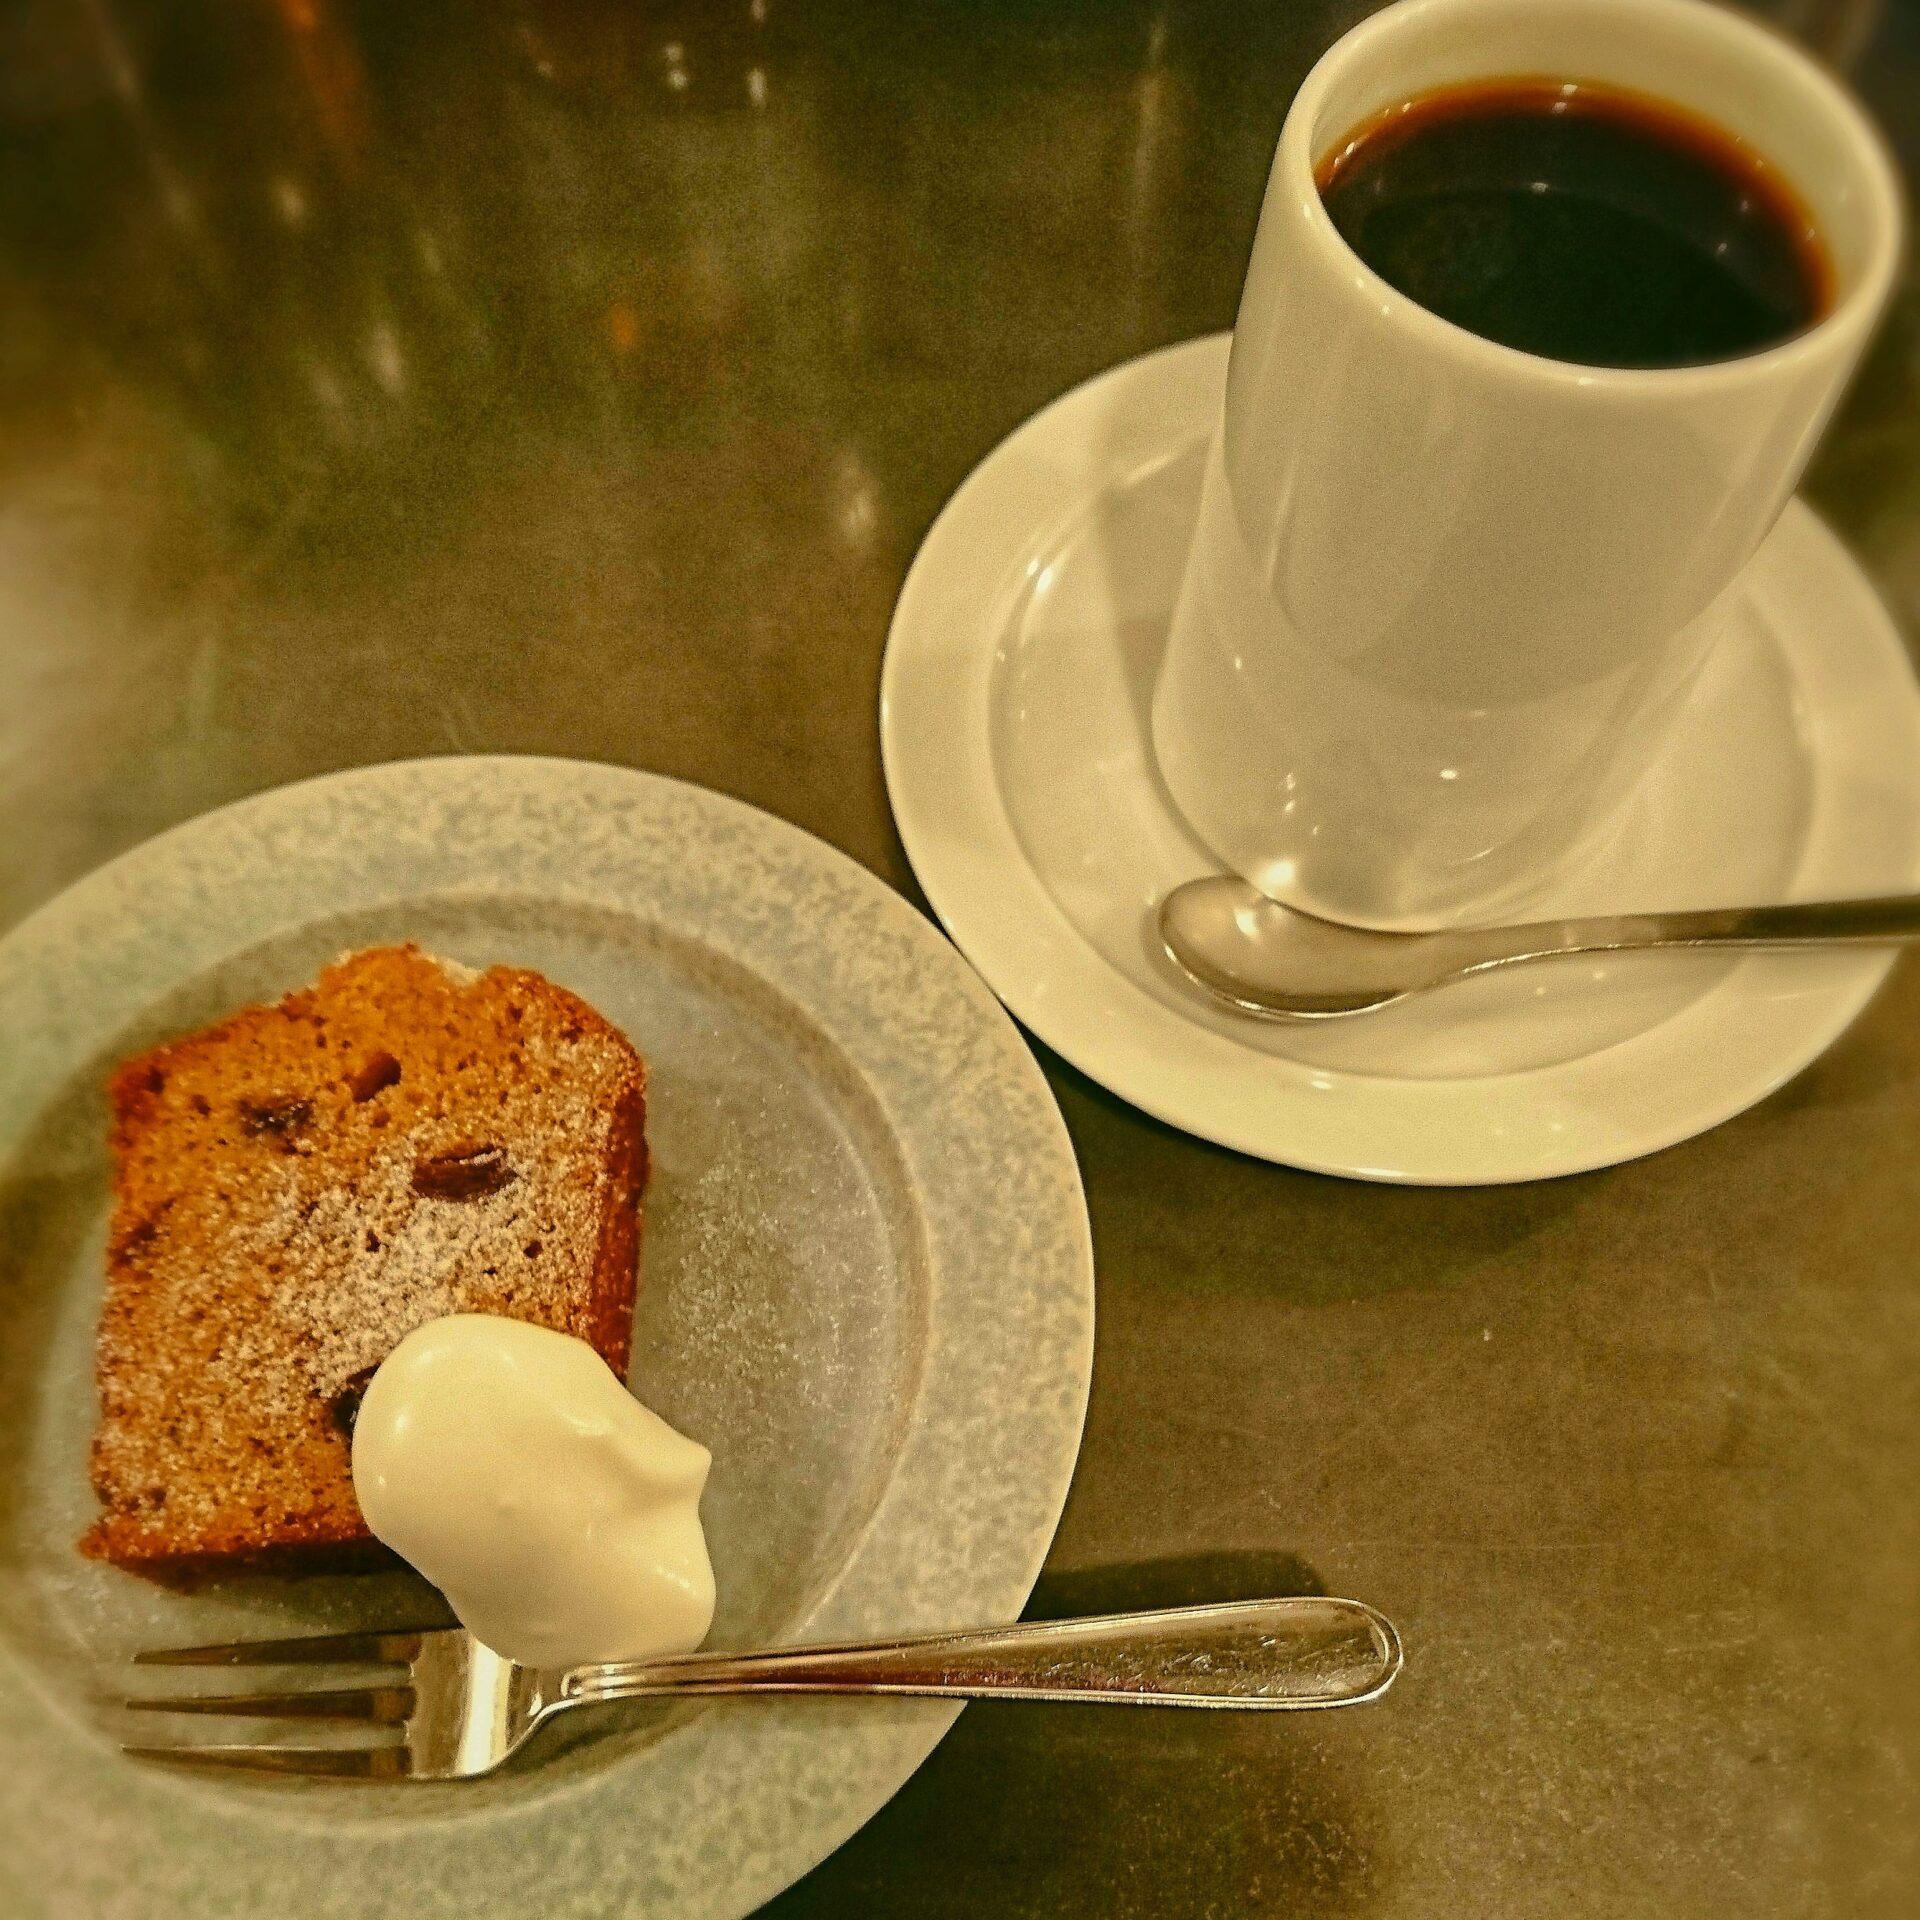 ケニアコーヒー,ラムレーズン,パウンドケーキ